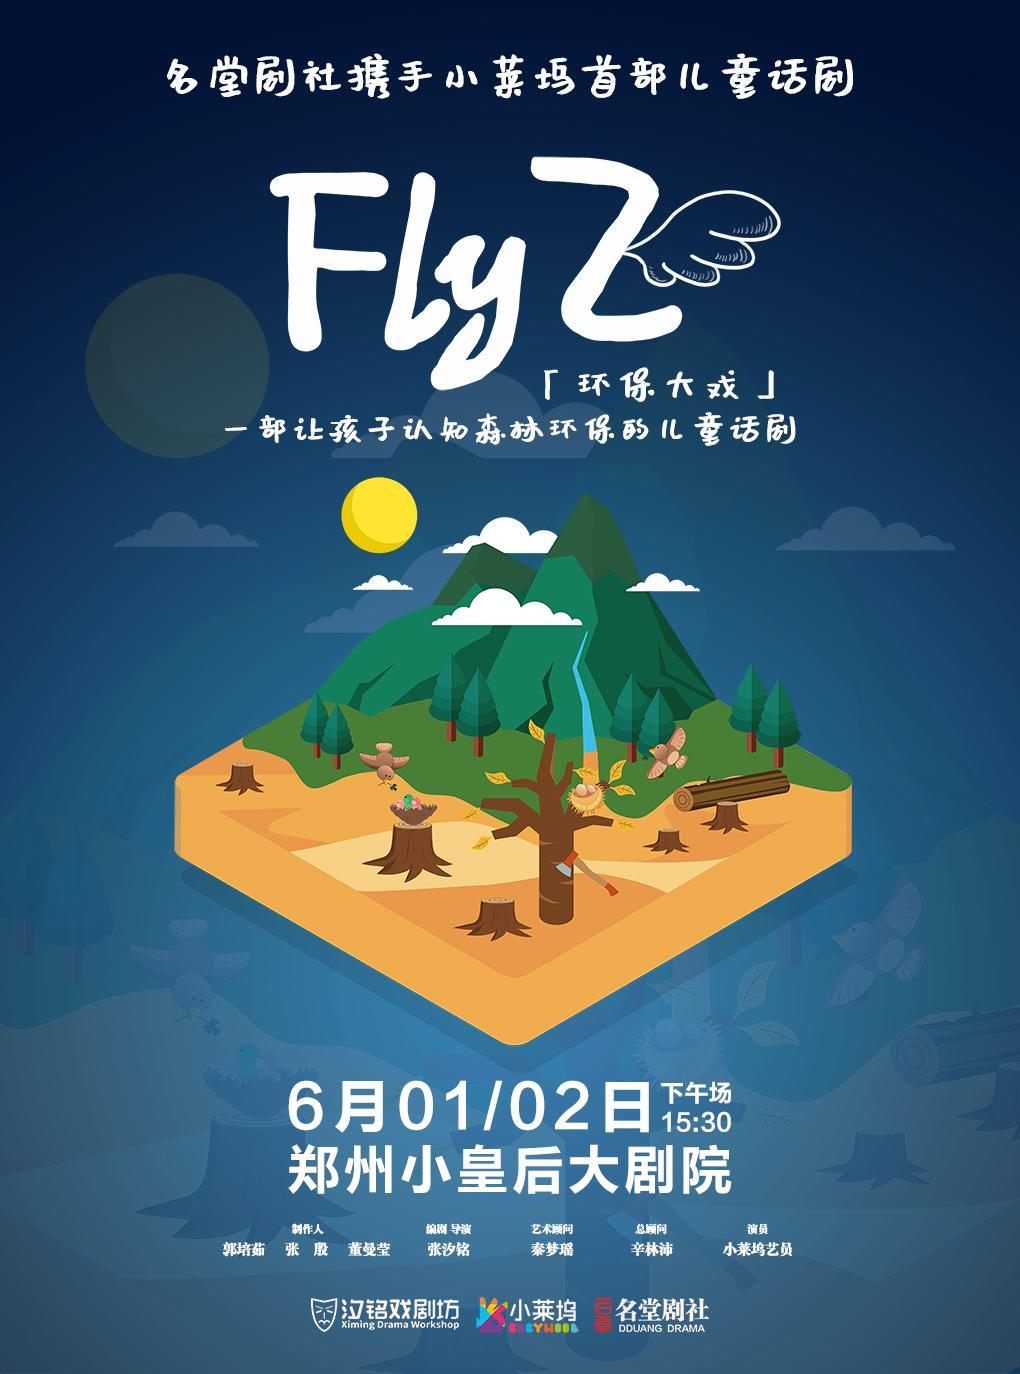 儿童话剧《FLY飞》名堂剧社六一专场